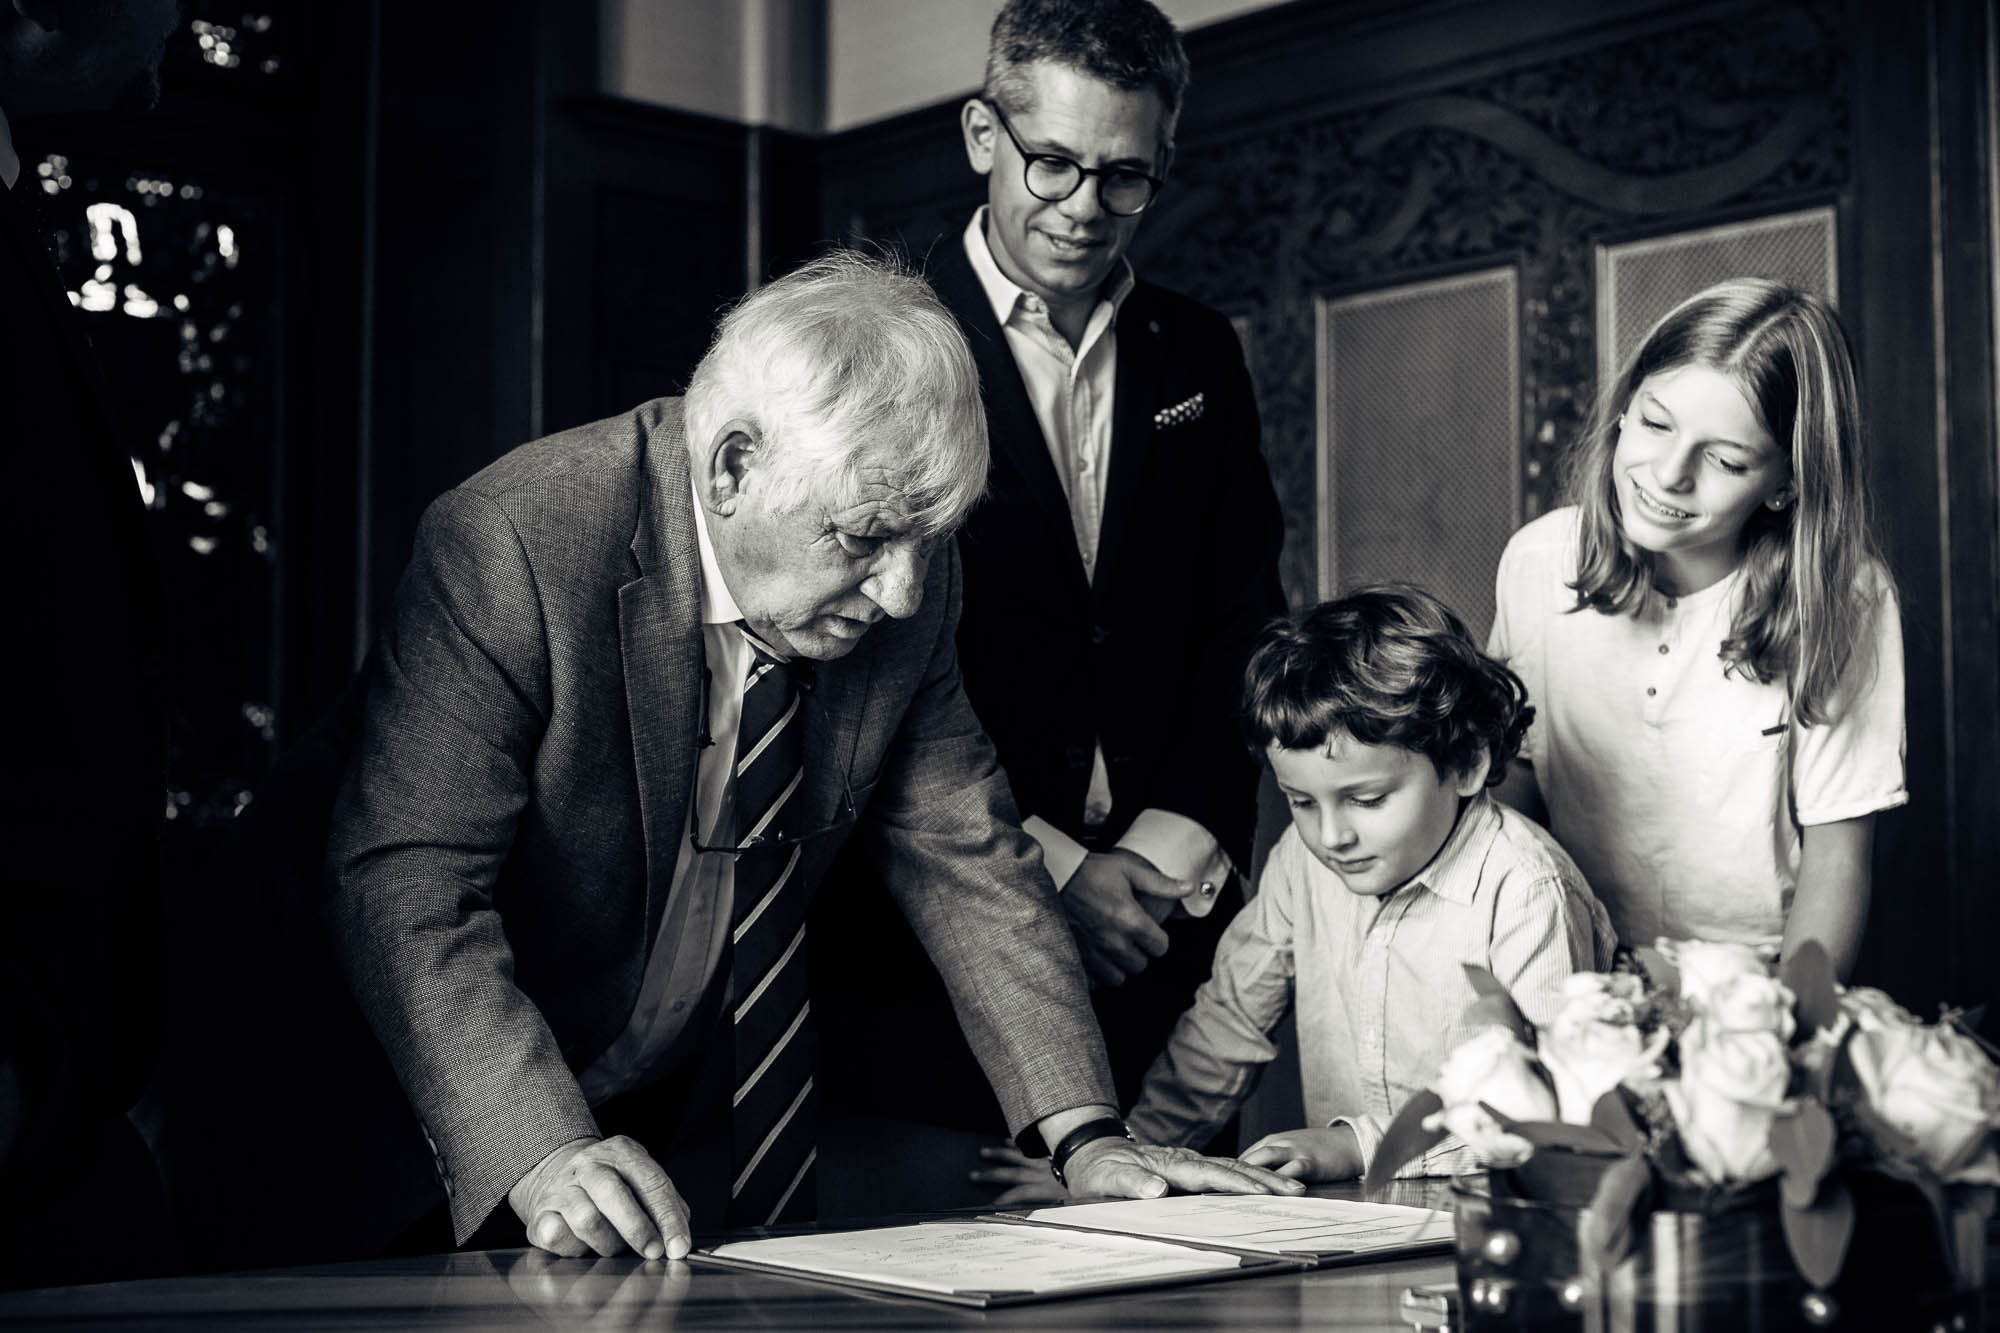 Gäste prüfen die Unterschriften auf dem Ehedokument